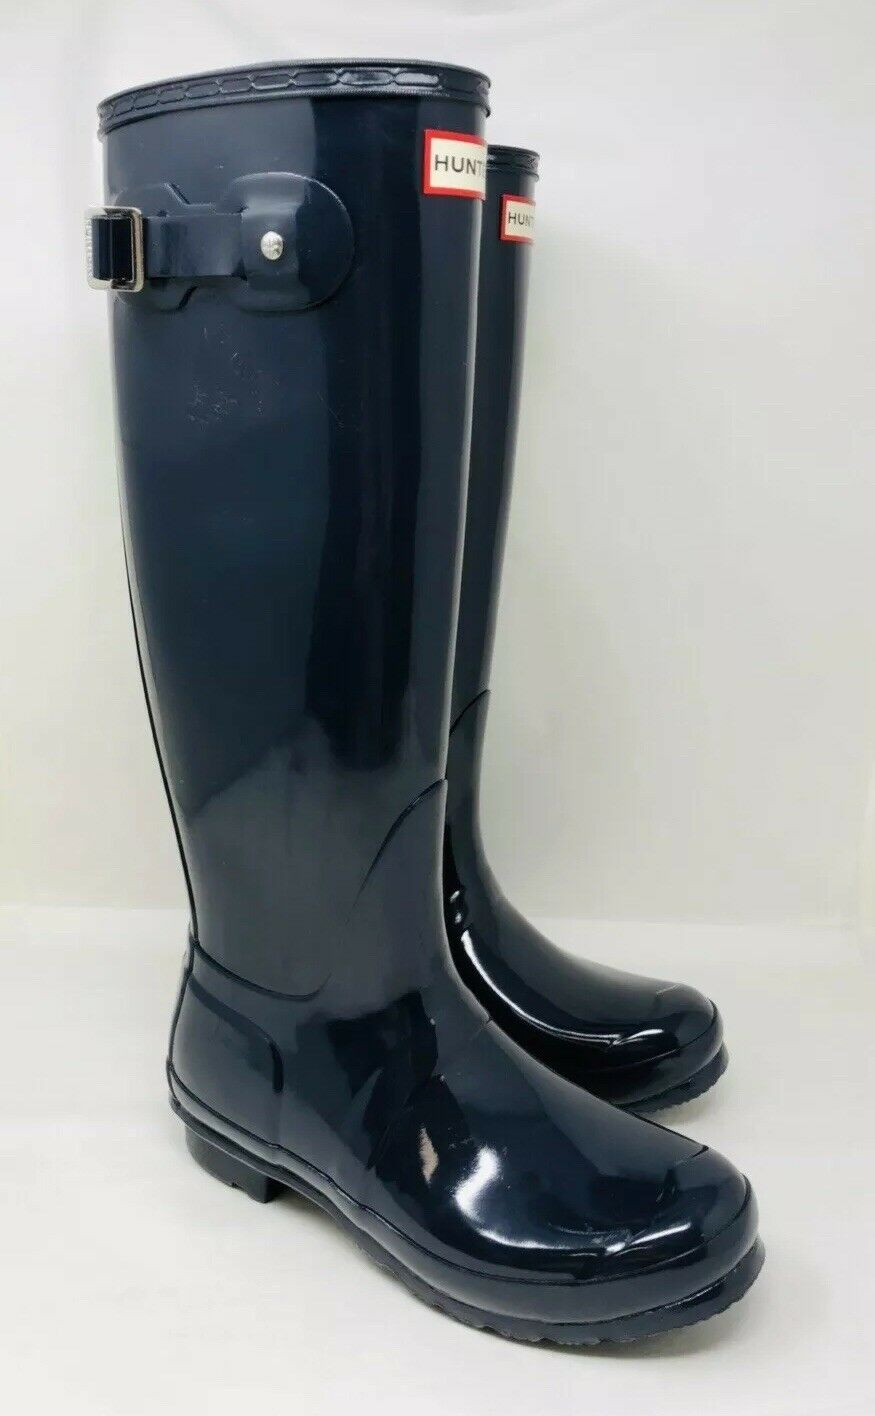 tutto in alta qualità e prezzo basso Hunter Donna  Original Tall Gloss Gloss Gloss Waterproof Rain stivali Dimensione 8 Navy, No Box  ci sono più marche di prodotti di alta qualità